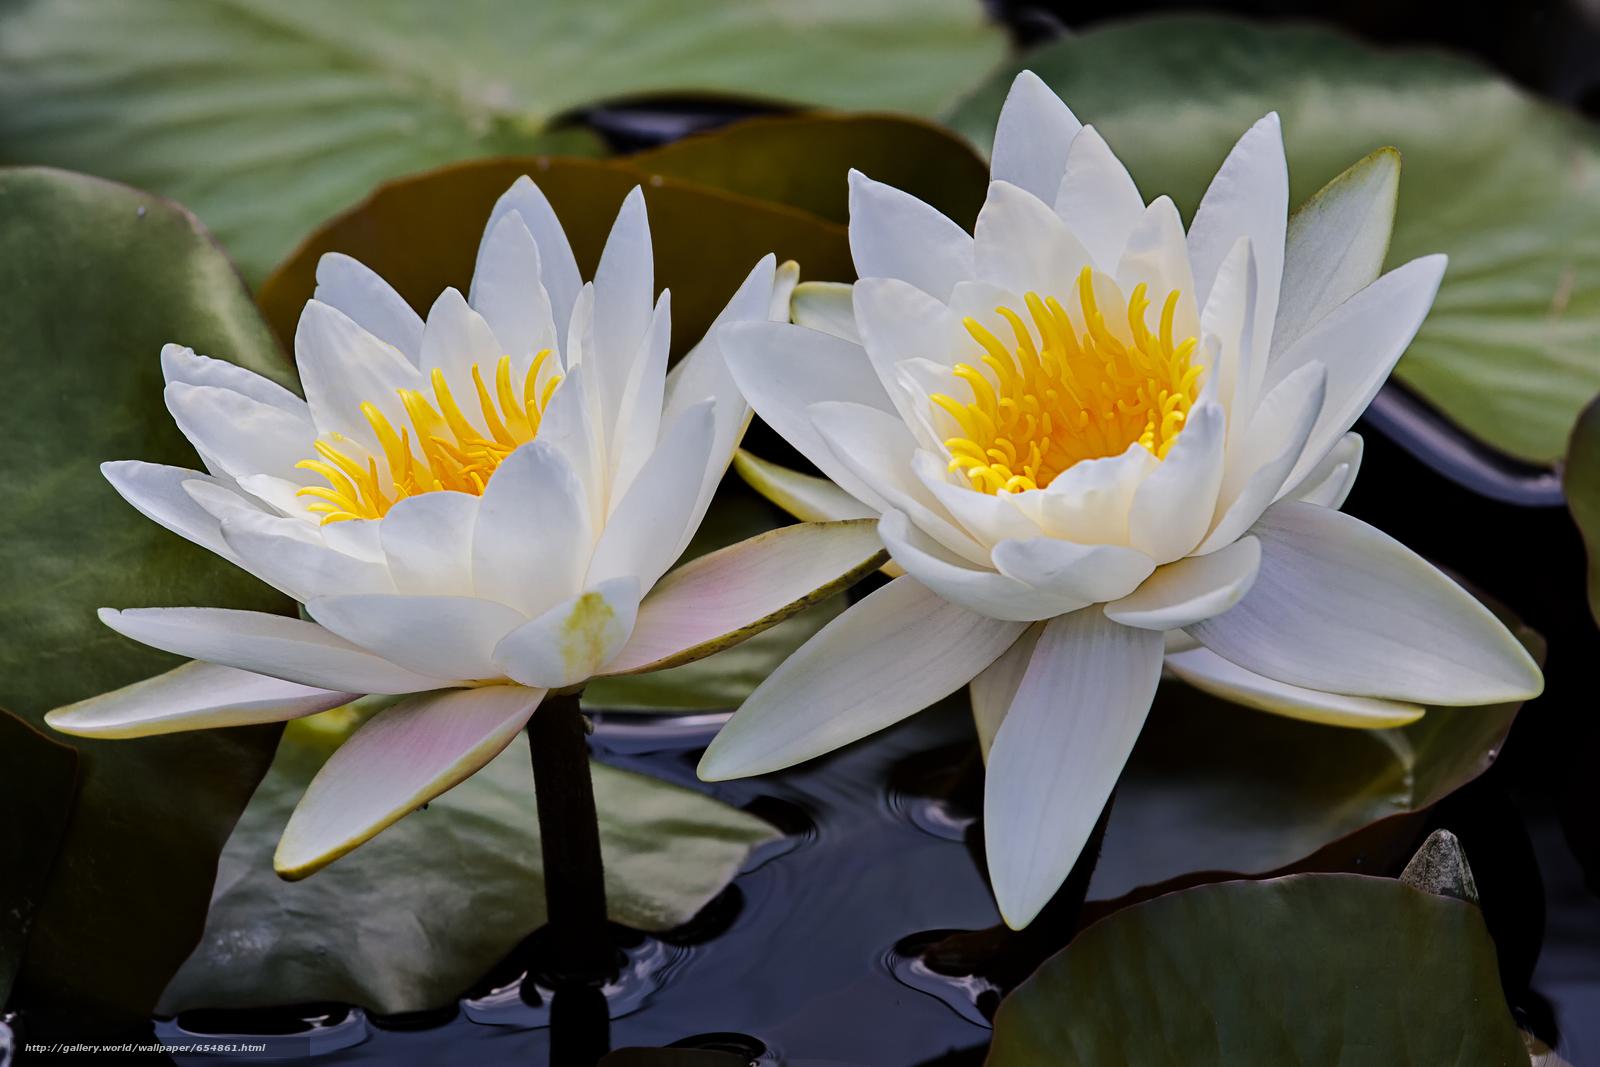 Скачать обои водяная лилия,  водяные лилии,  цветы,  флора бесплатно для рабочего стола в разрешении 4511x3007 — картинка №654861